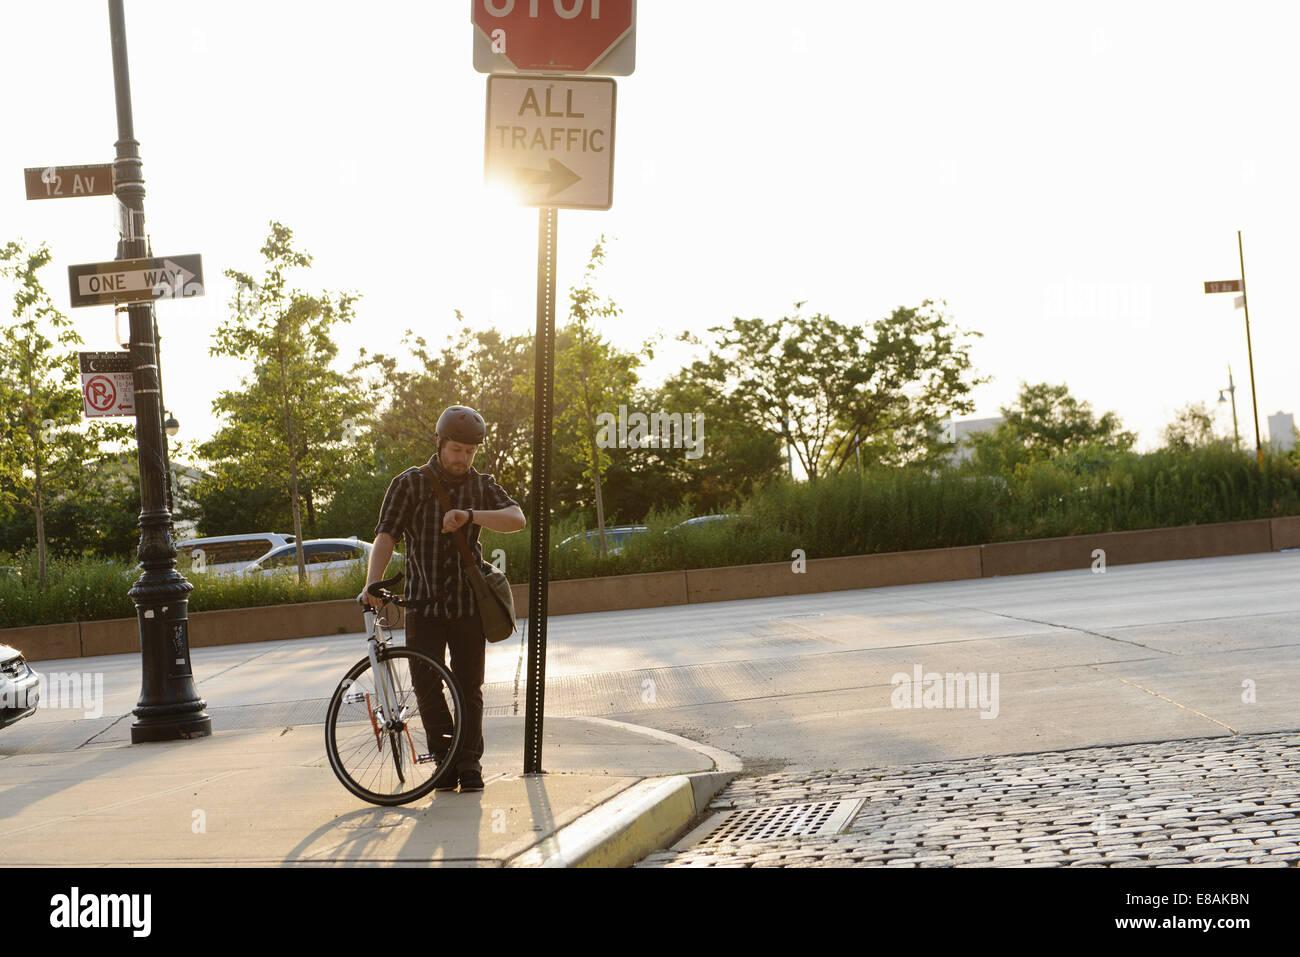 Cycle masculin messenger contrôle de temps sur route Photo Stock